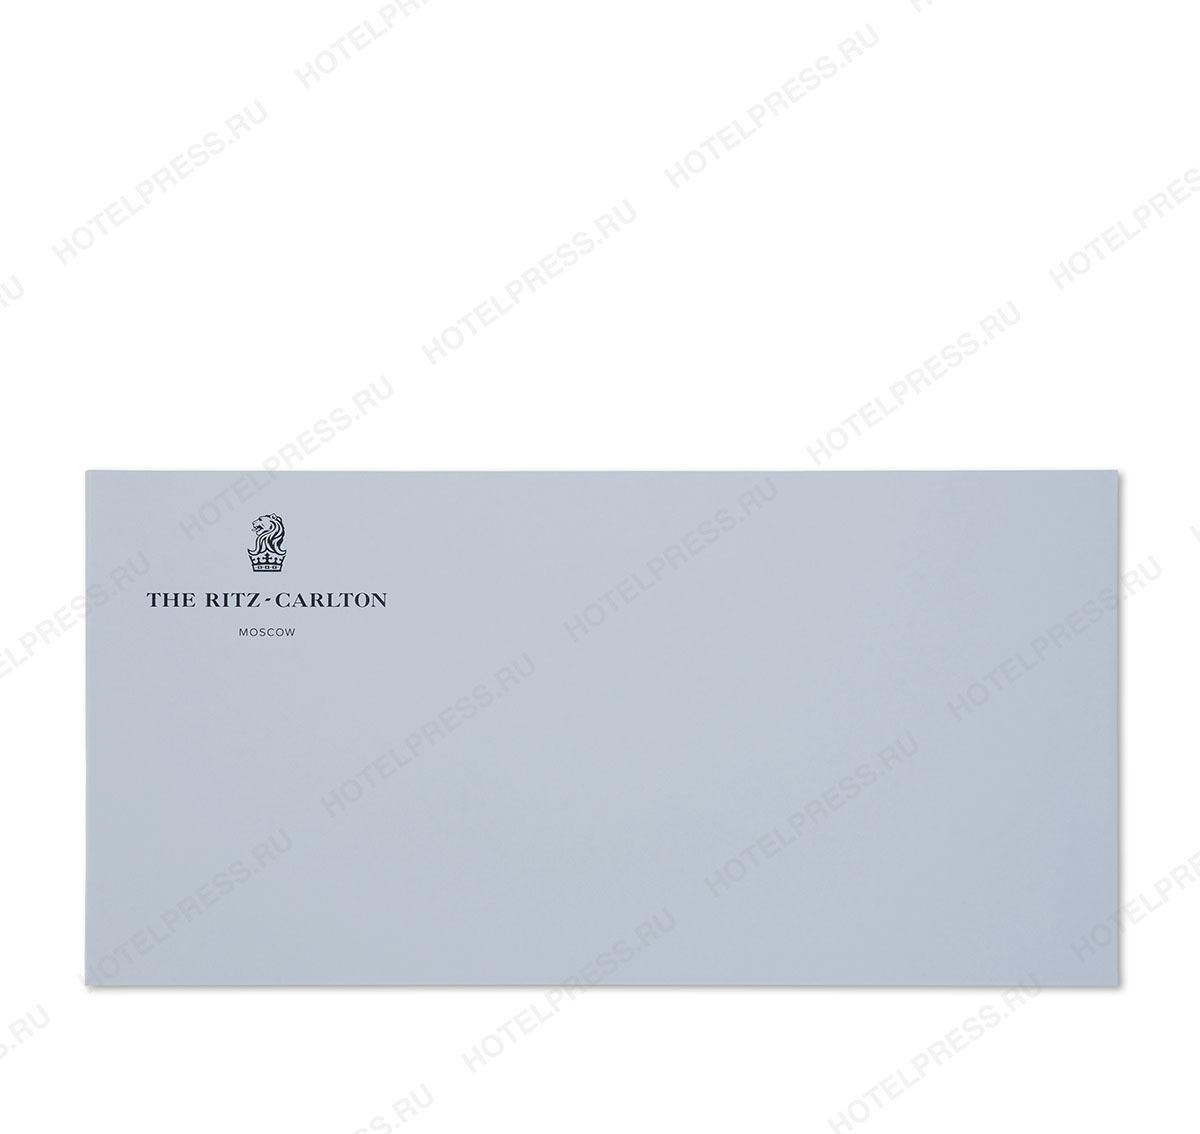 Фирменные конверты отеля THE RITZ-CARLTON